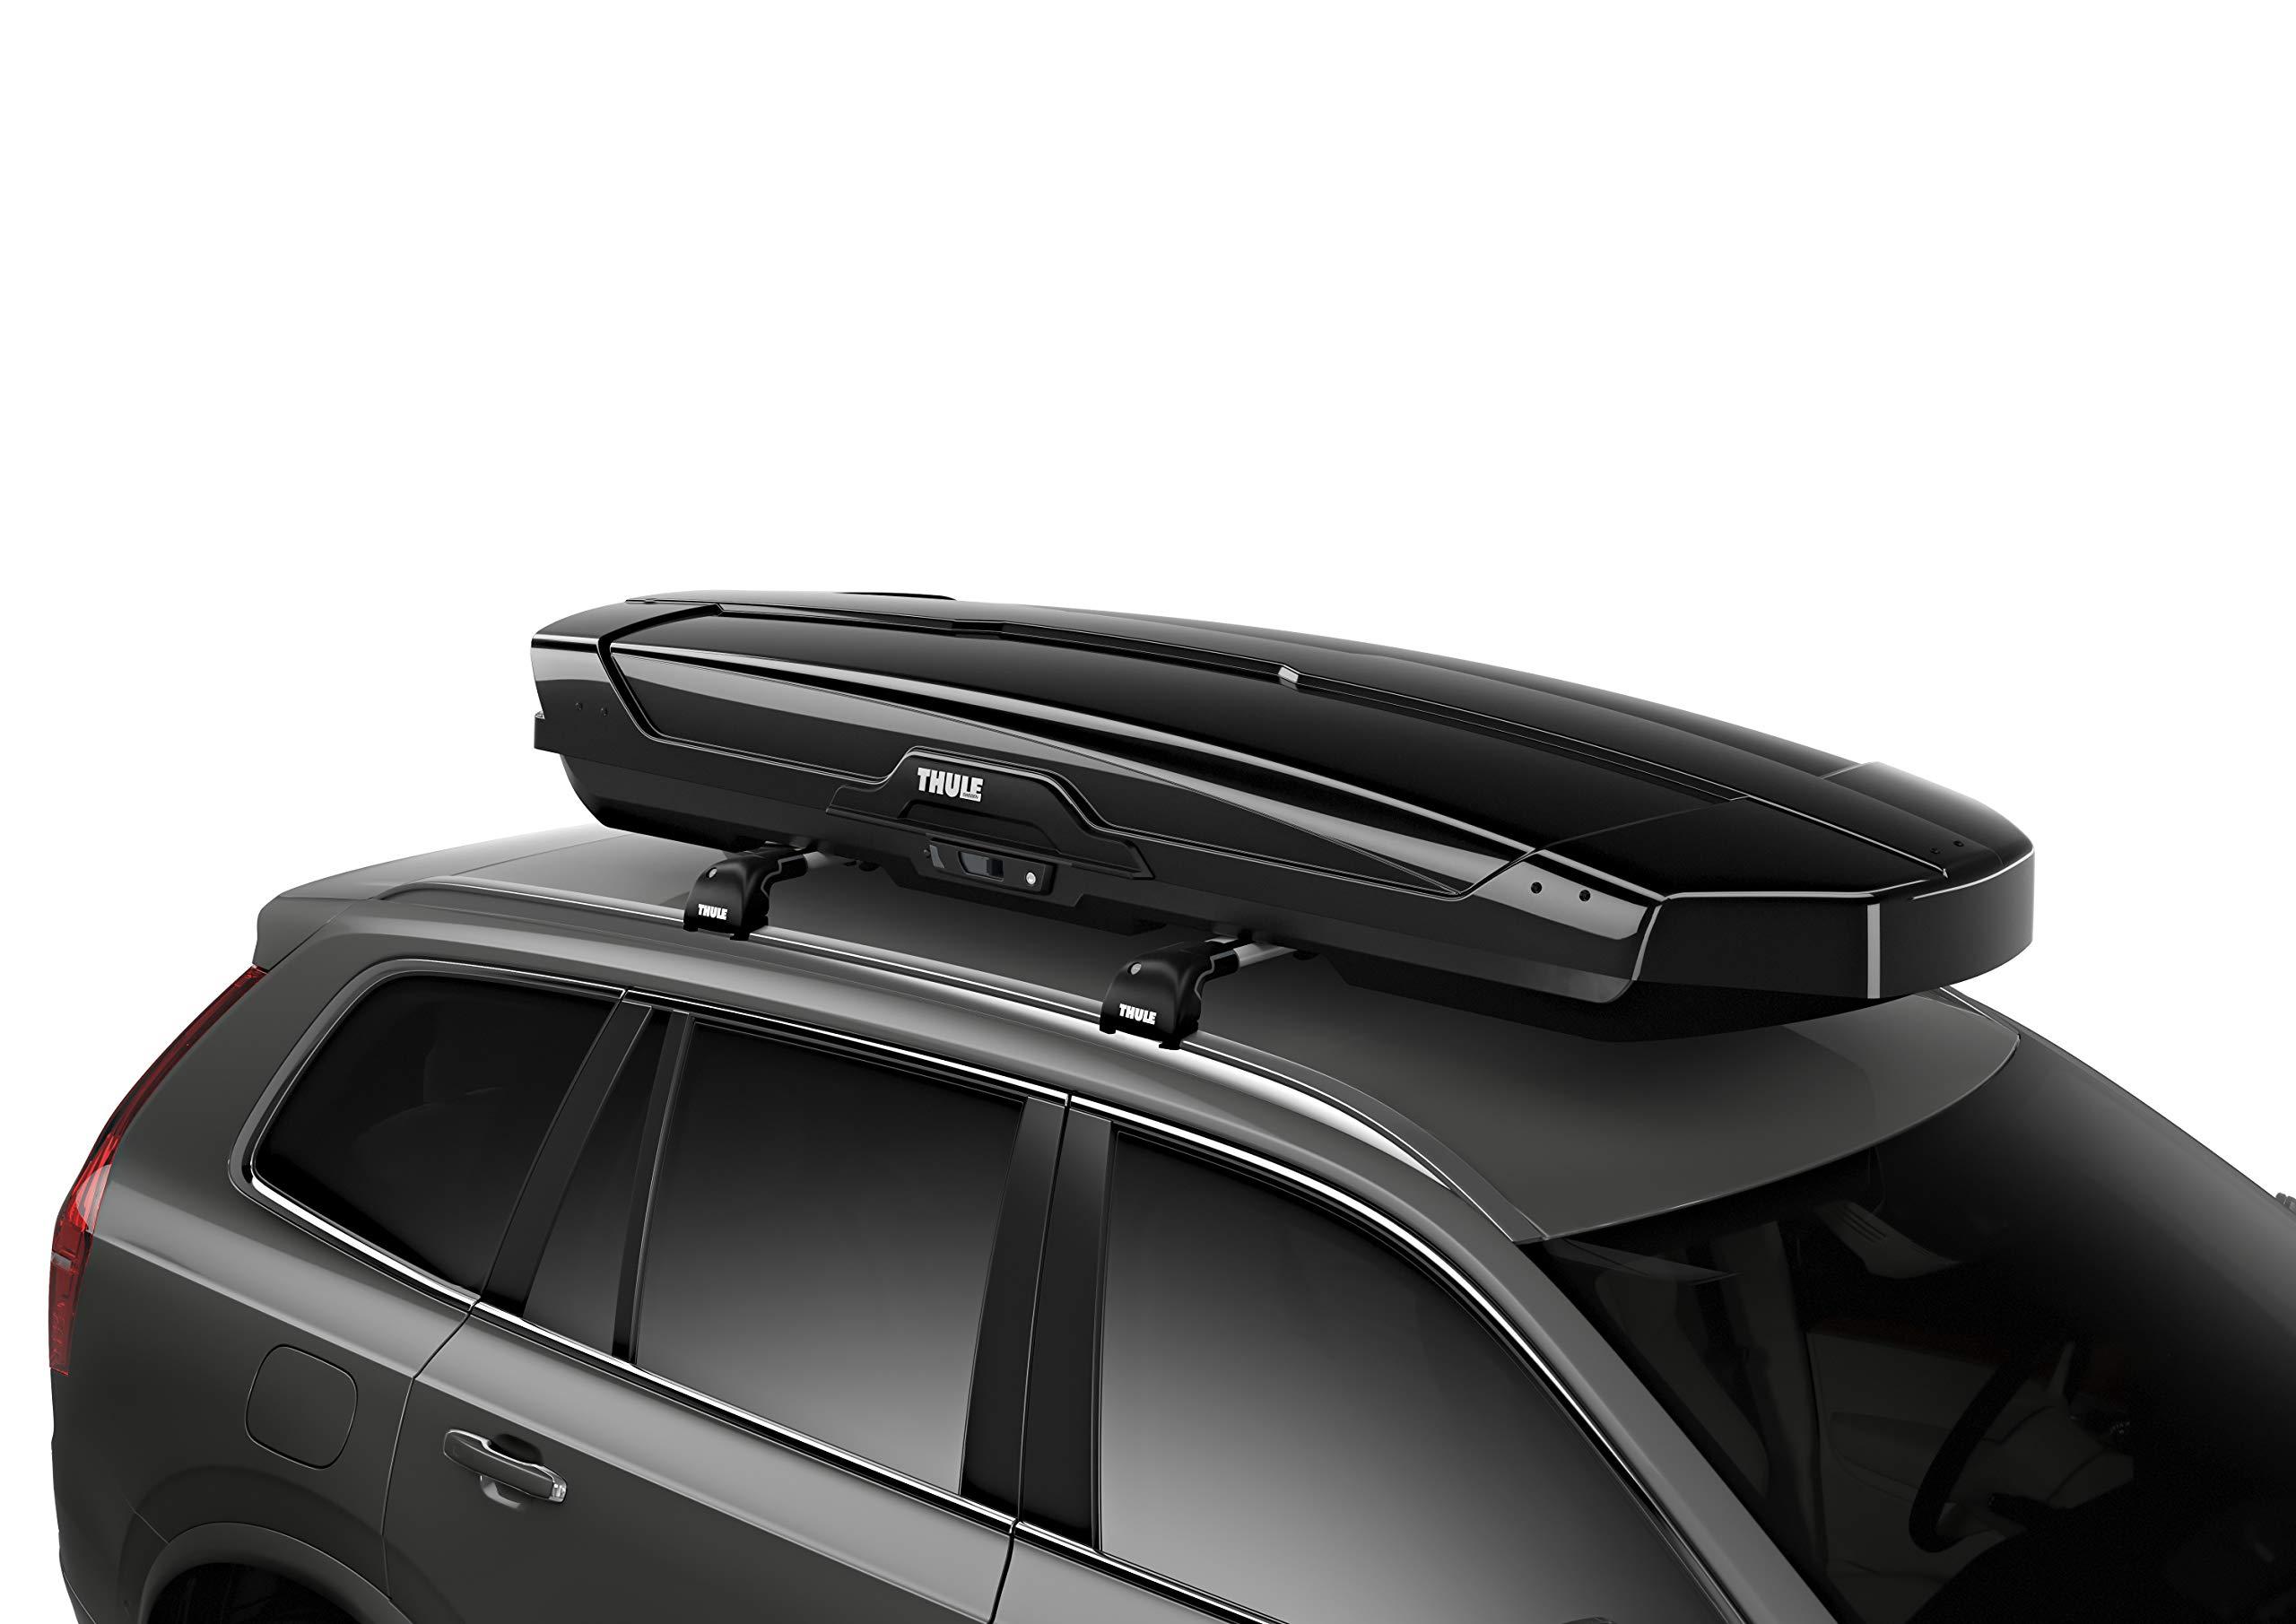 Thule Motion XT Alpine Dachbox (629501), 450 Liter, schwarz glänzend